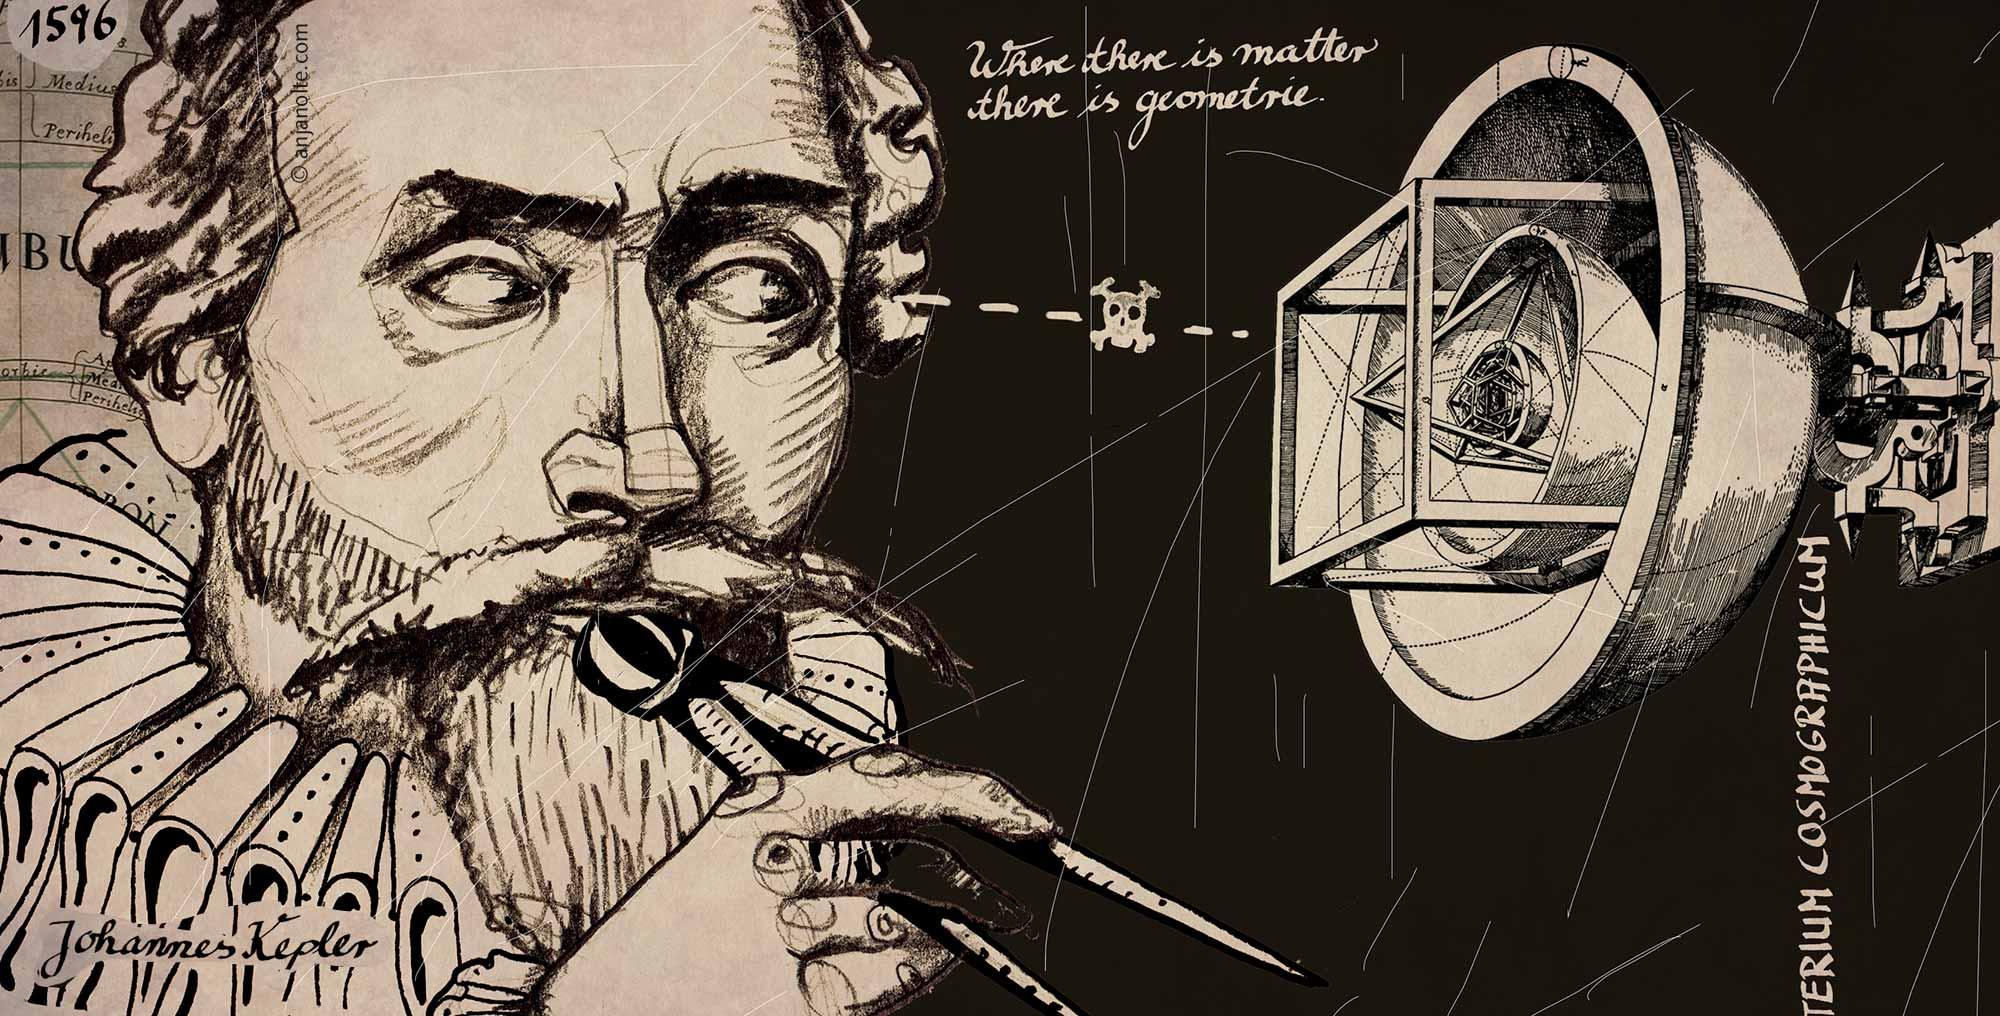 Portrait des Astronoms Johannes Kepler von Anja Nolte i.a. Museum für Kommunikation © www.anjanolte.com